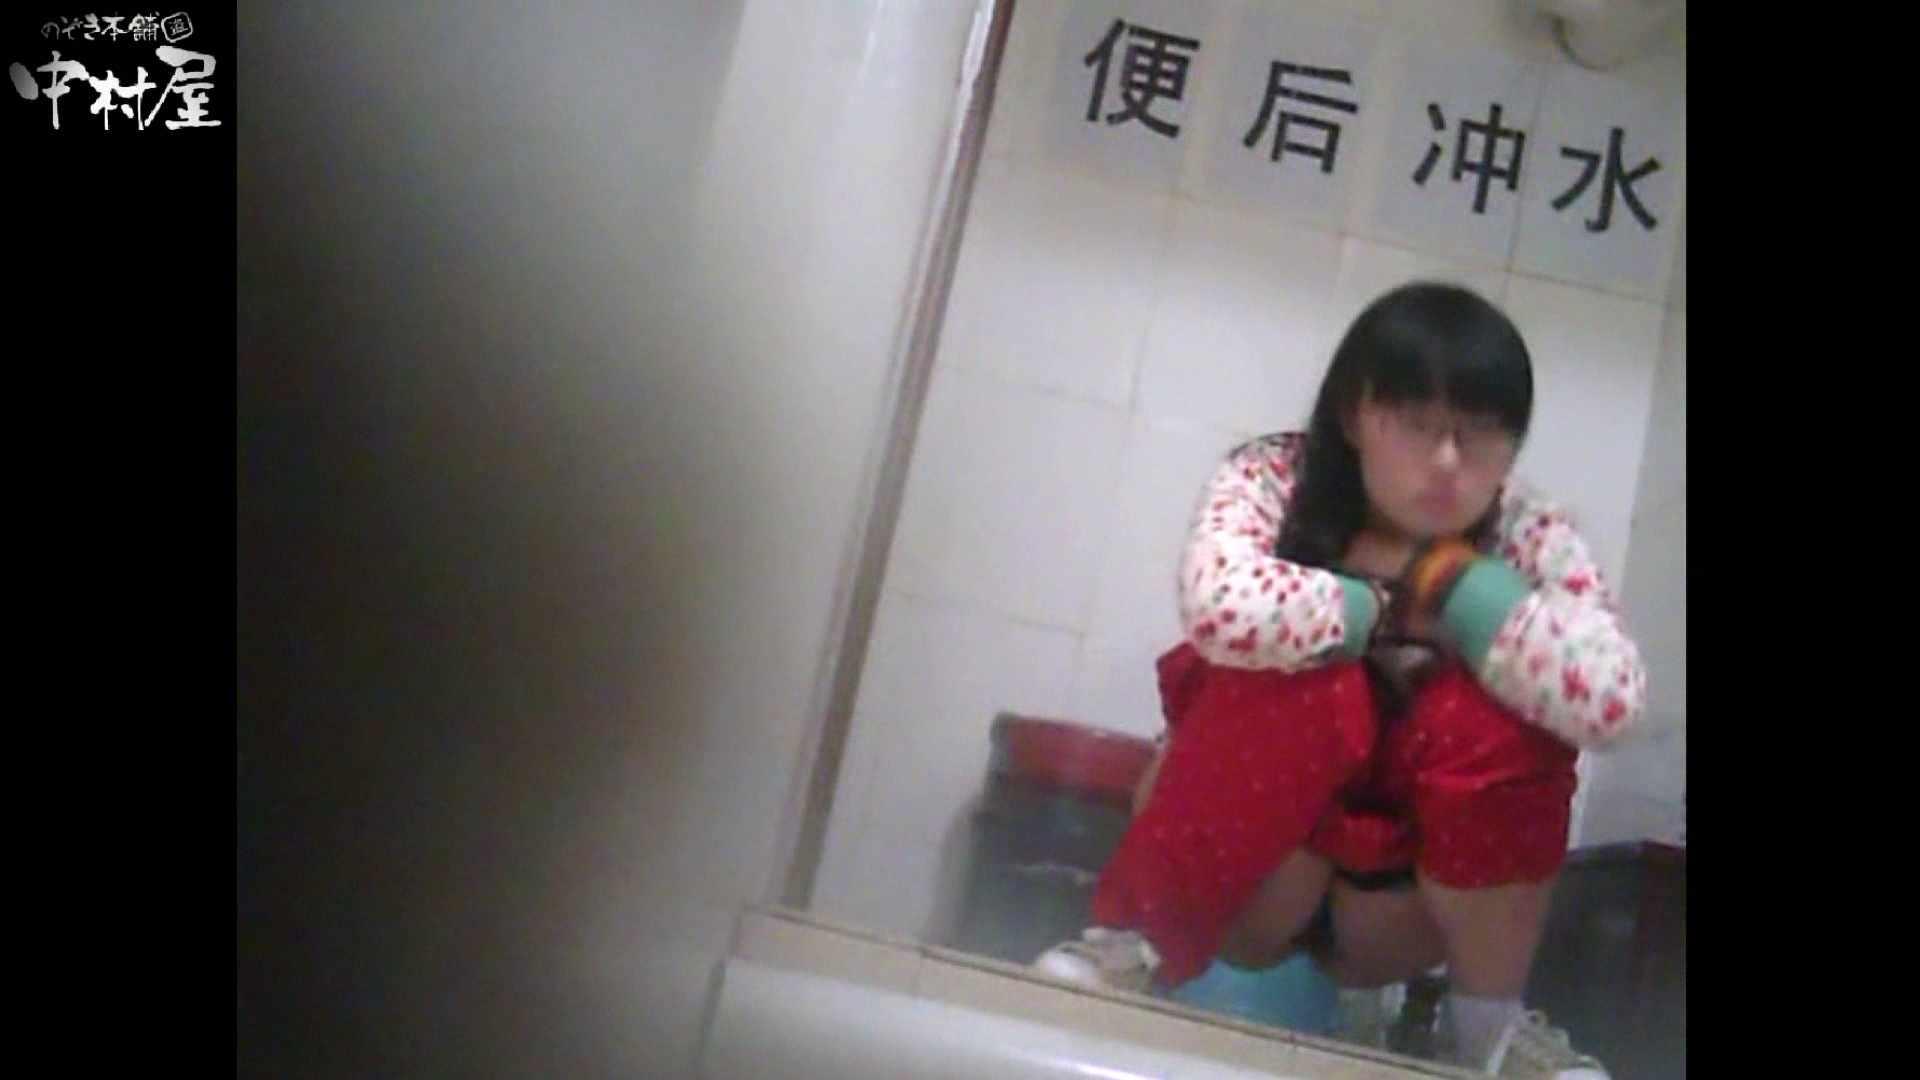 李さんの盗撮日記 Vol.01 盗撮映像  79Pix 24